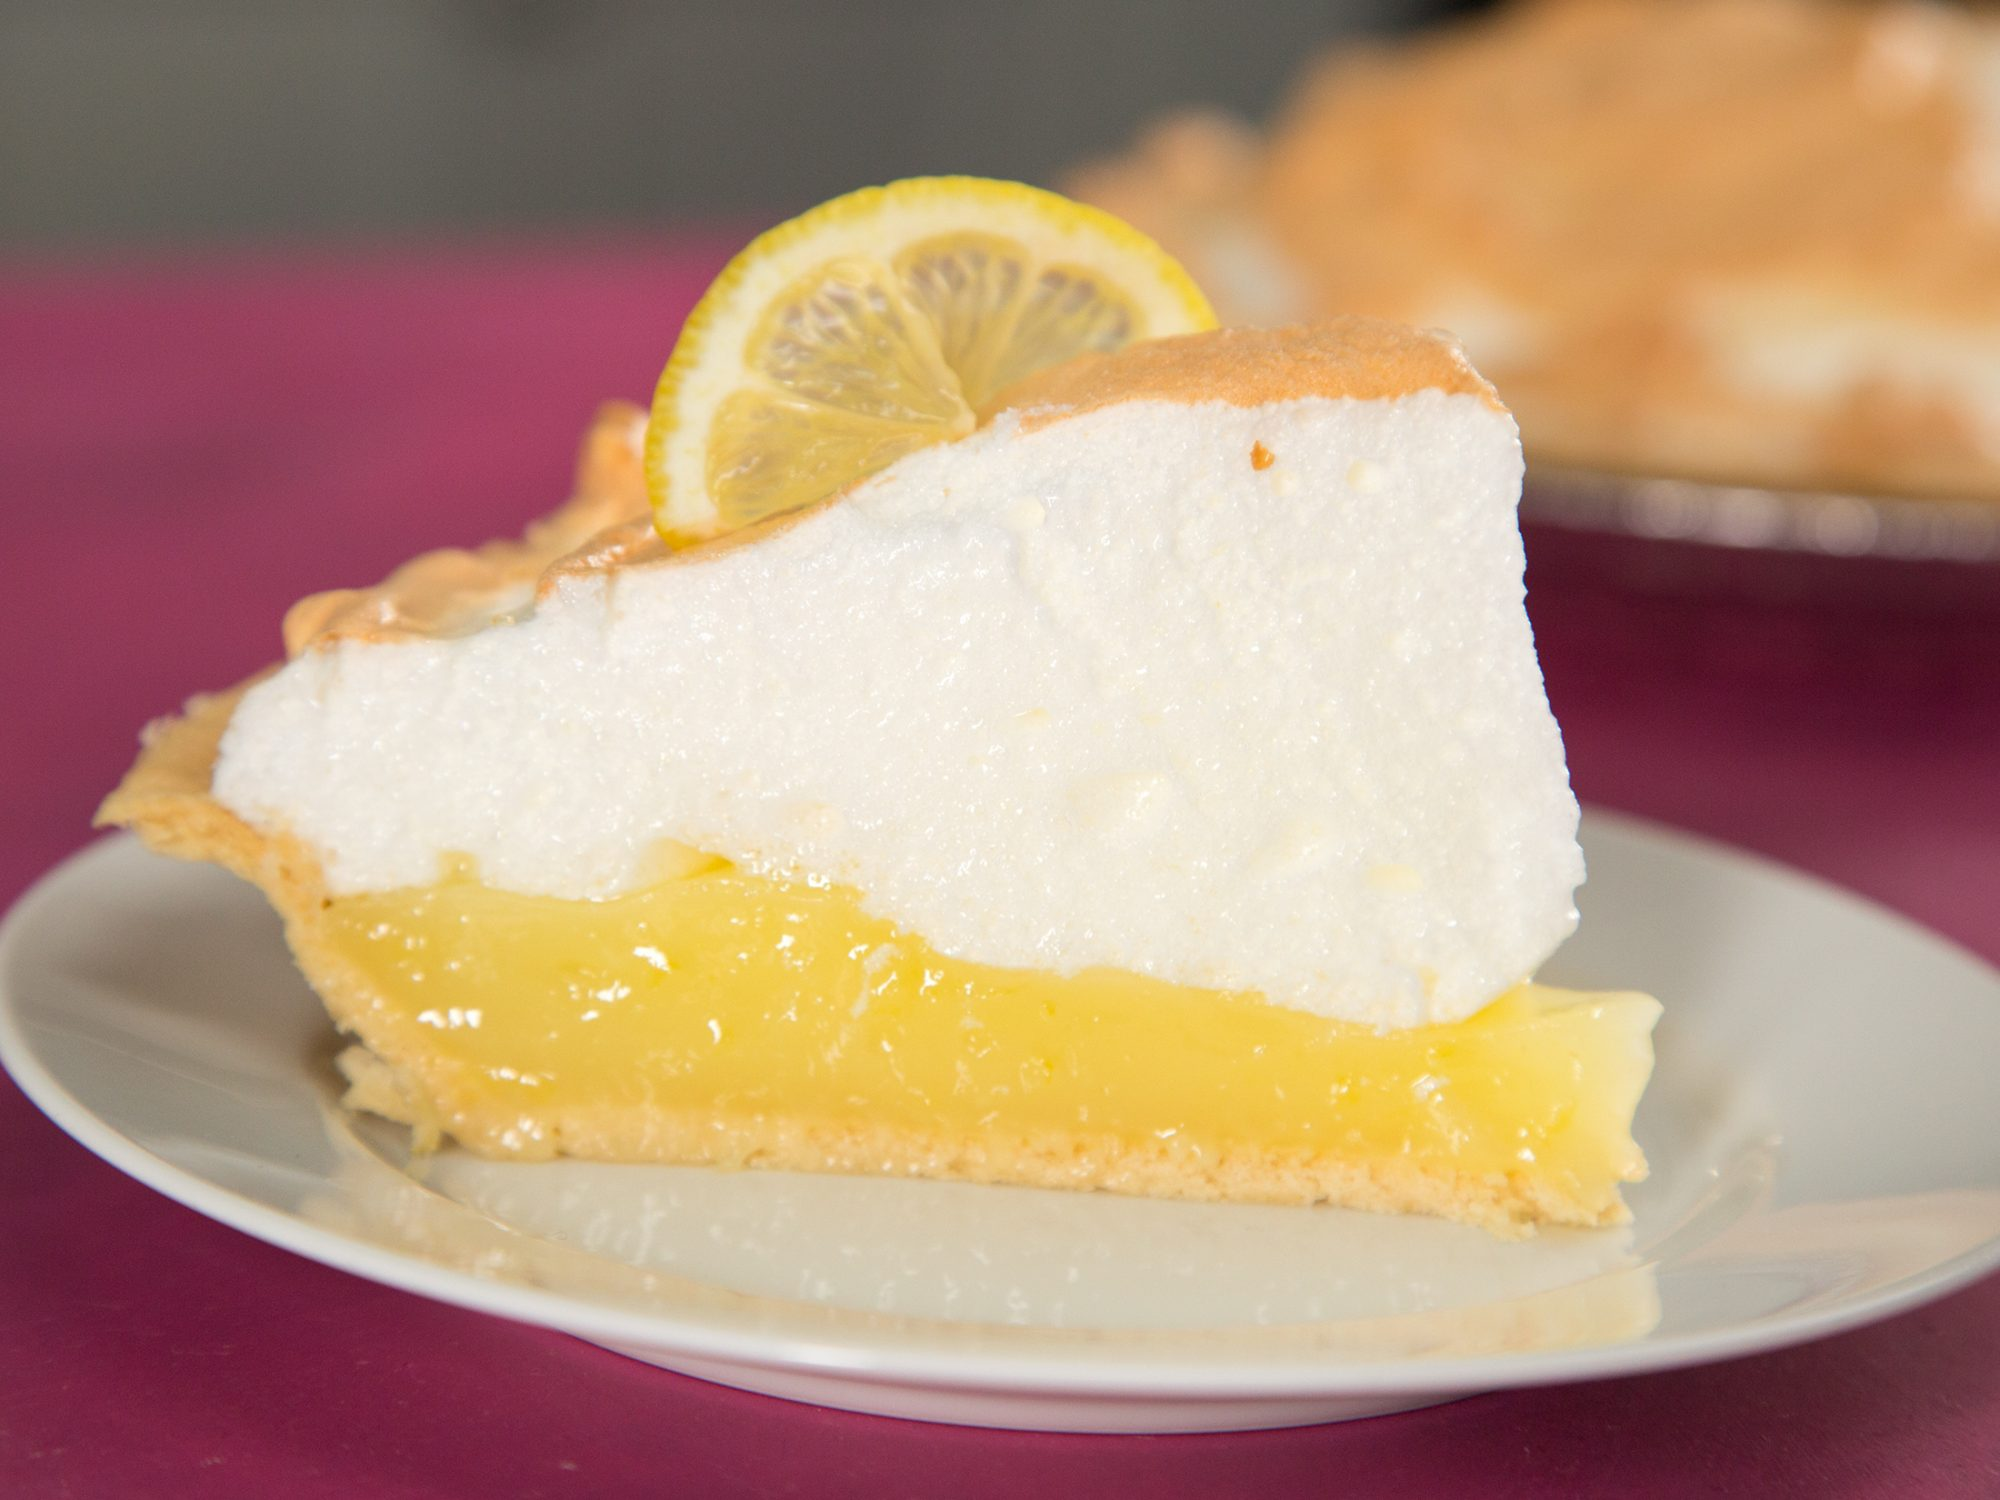 lemon-meringue-pie-DCMS-Large.jpg